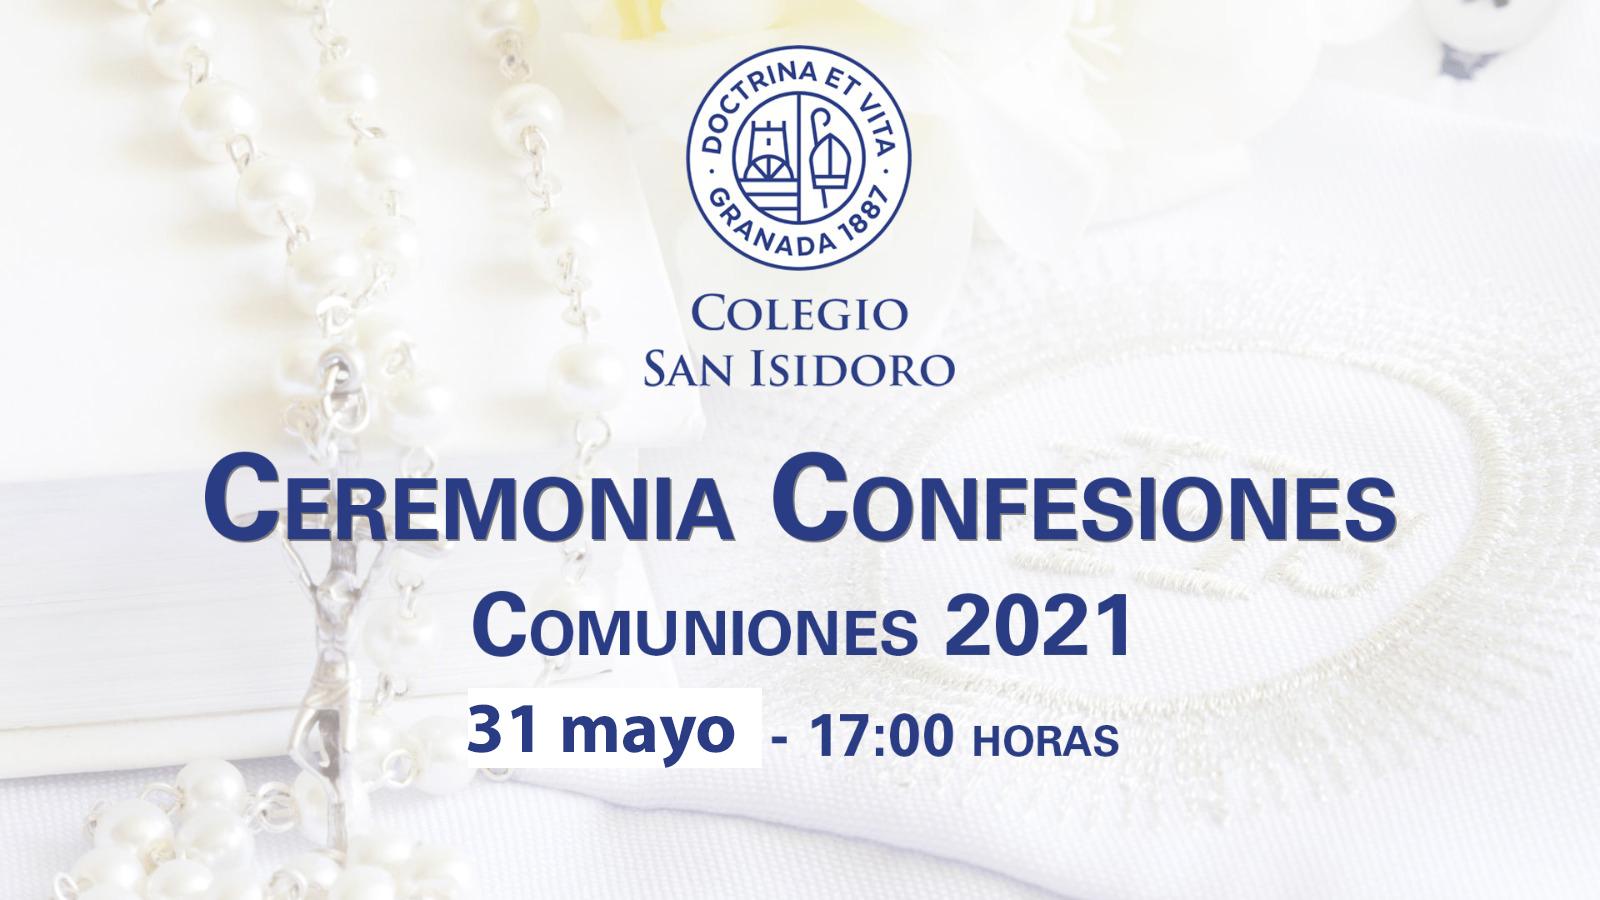 CARTEL CEREMONIA CONFESIONES 2